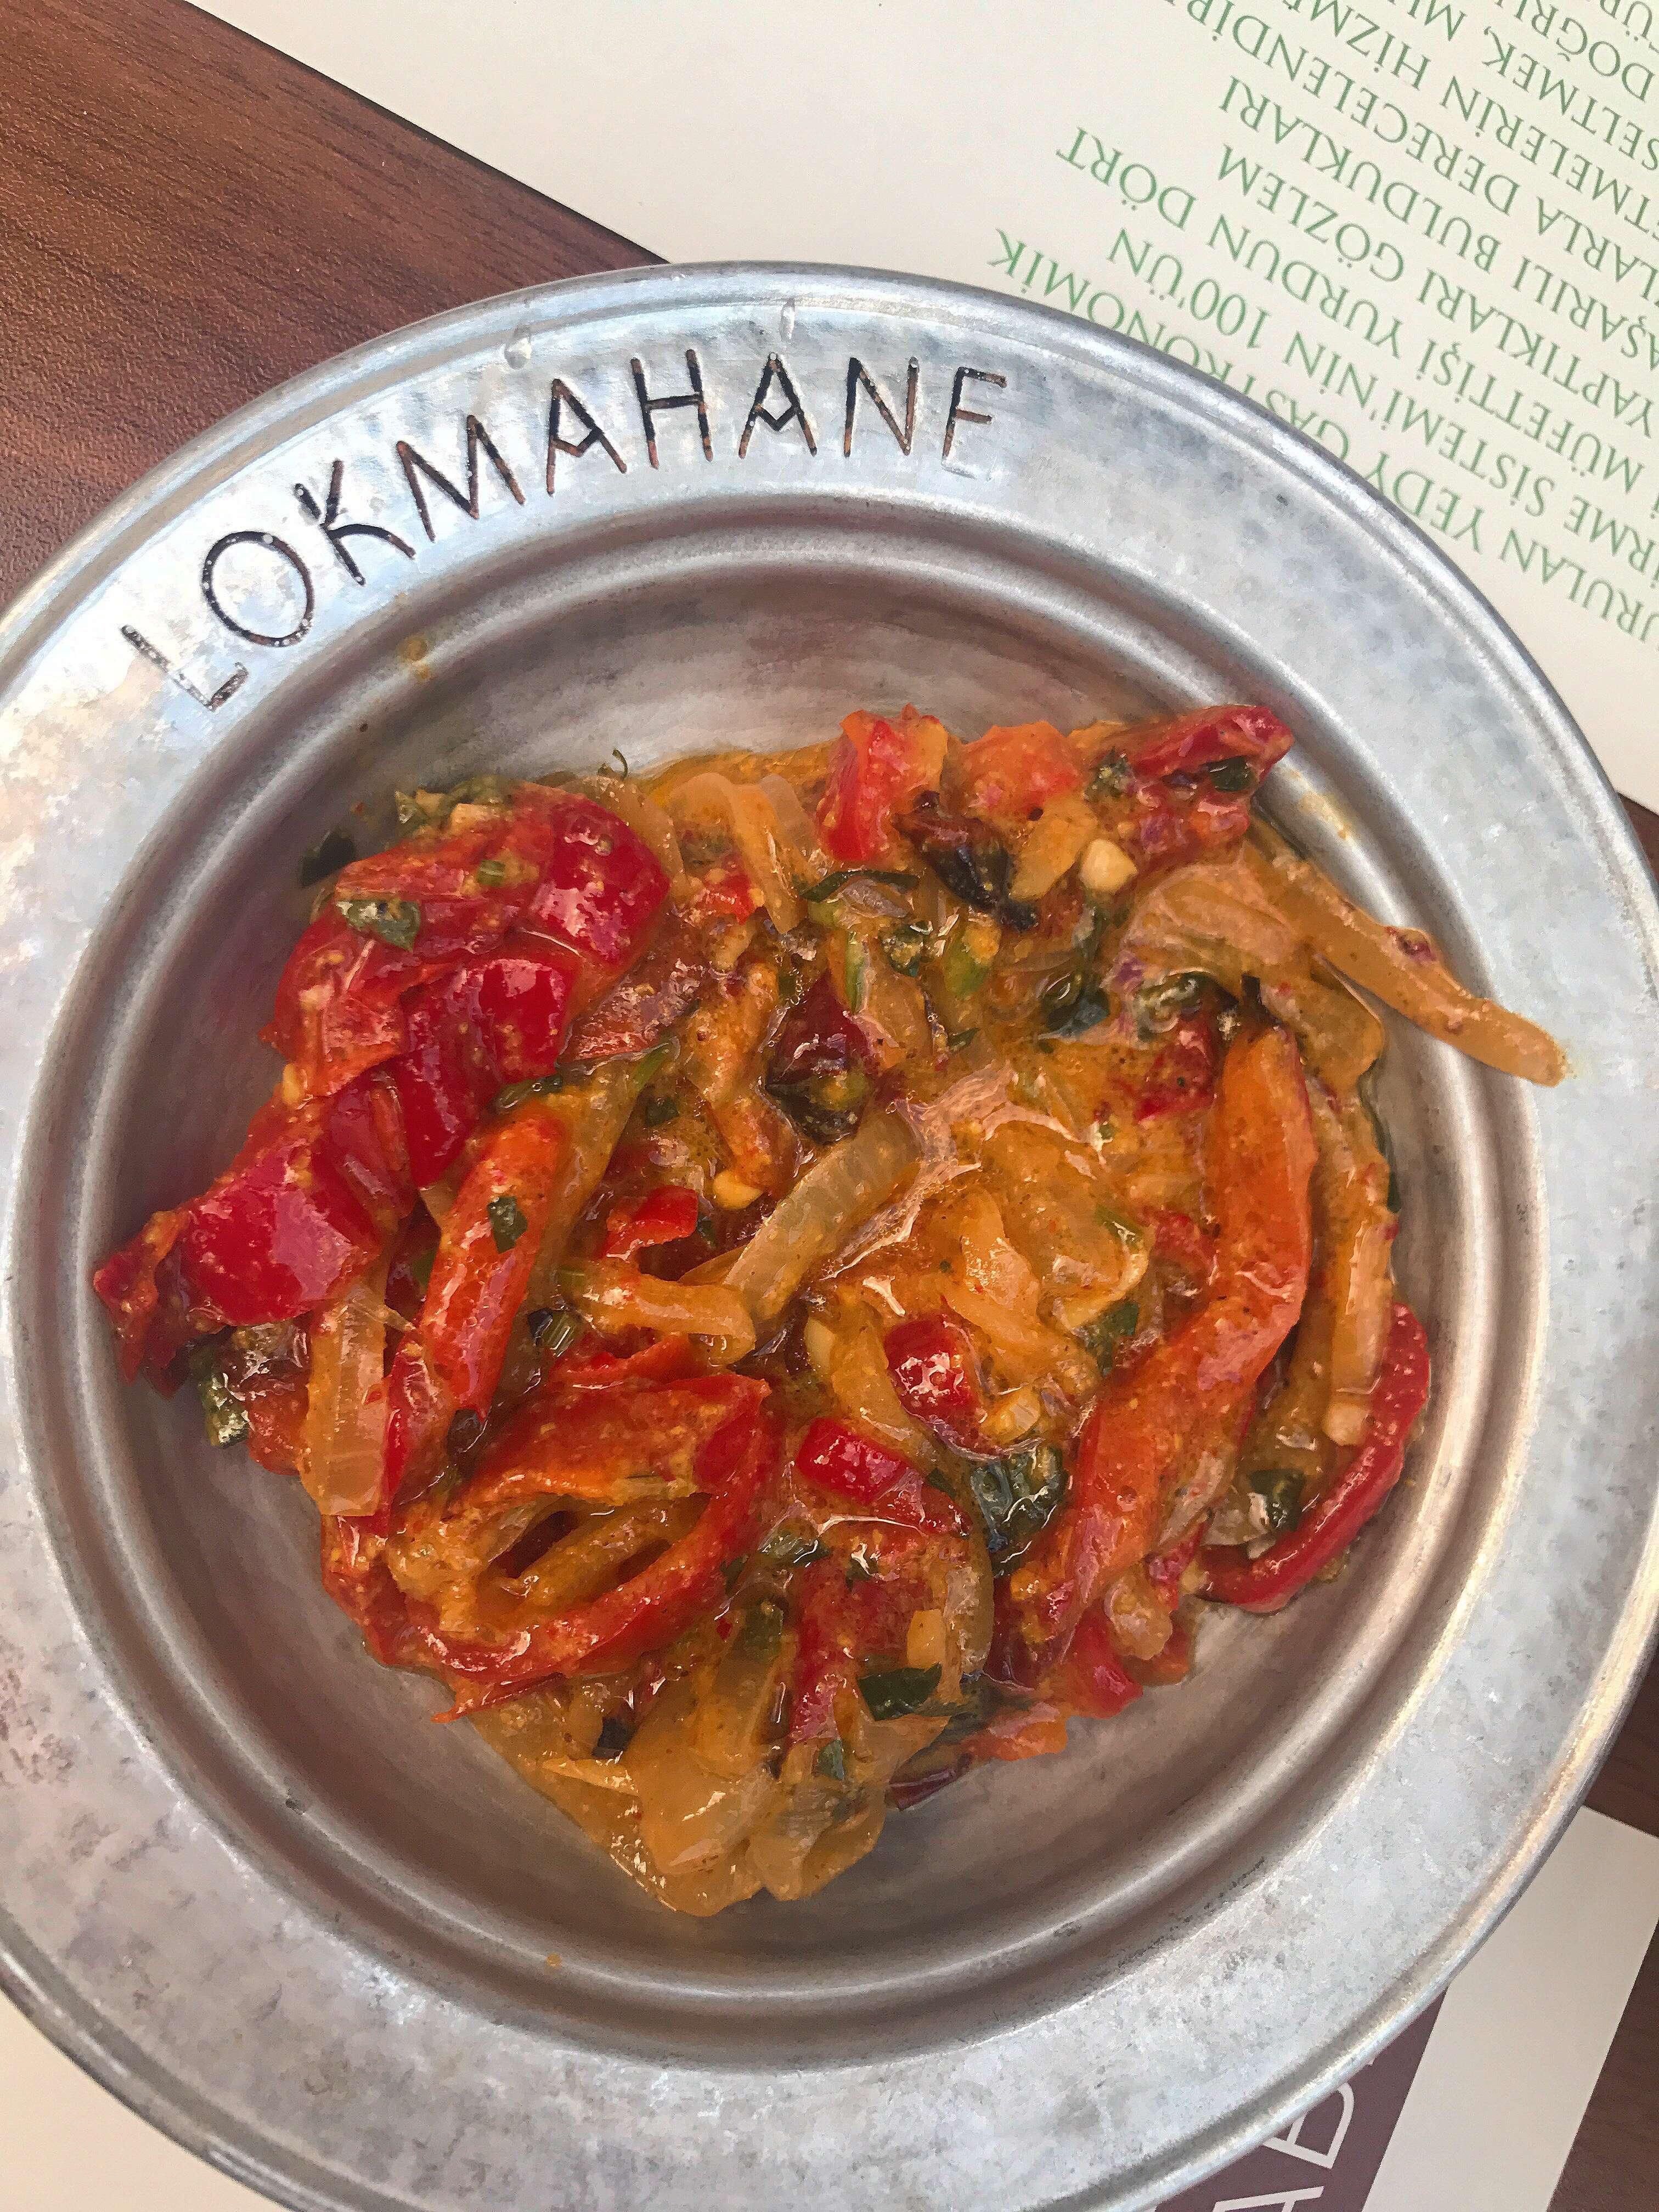 Lokmahane Restaurant